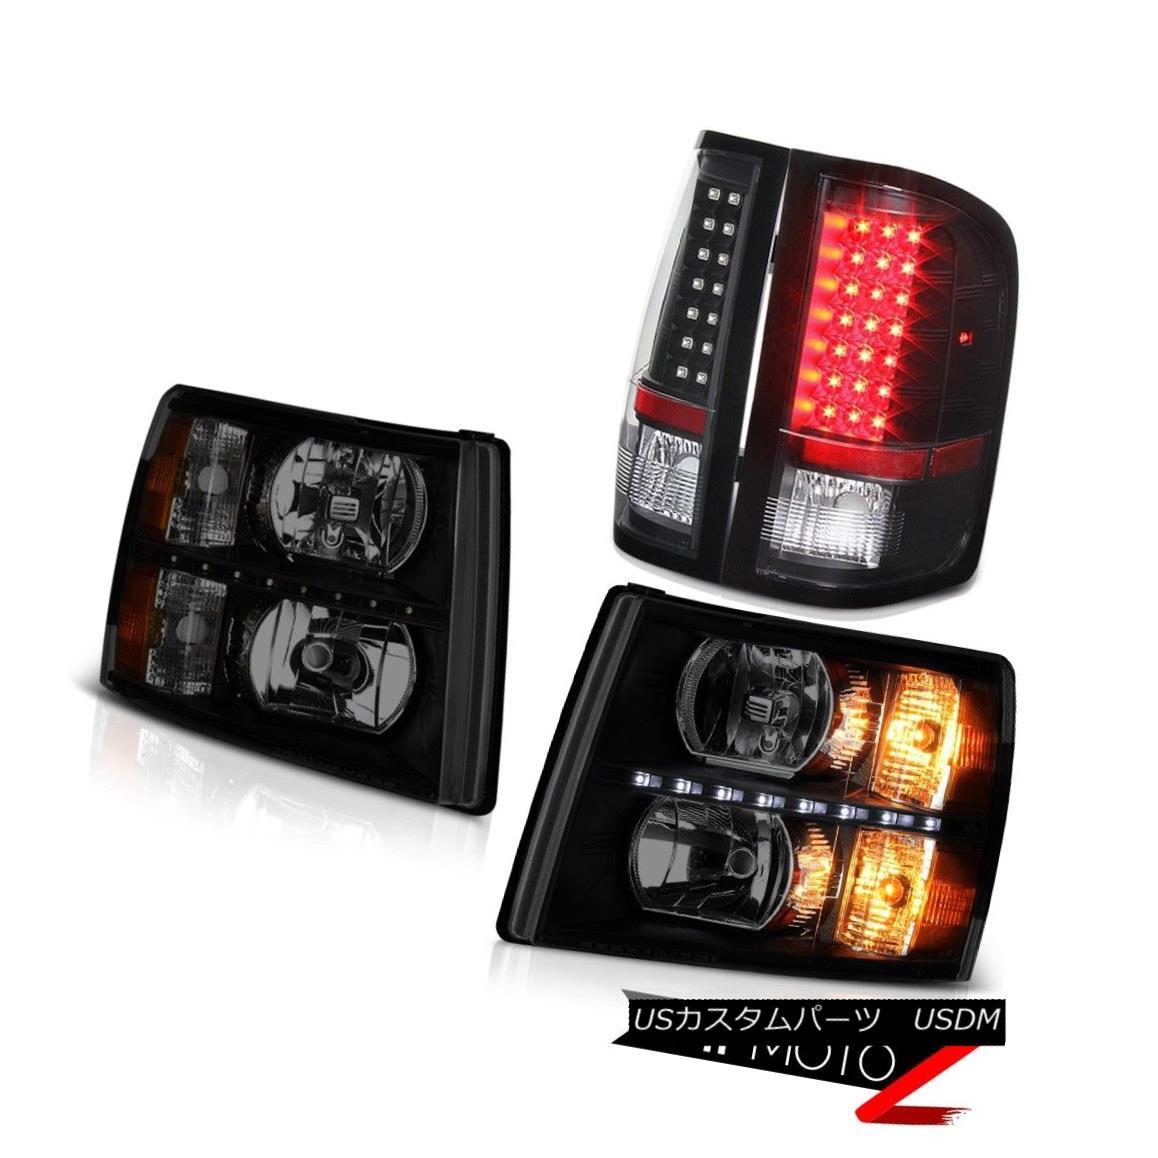 ヘッドライト 07-13 Silverado Headlamps led drl matte black tail brake lamps LED SMD Assembly 07-13 Silveradoヘッドランプled drlマットブラックテールブレーキランプLED SMDアセンブリ